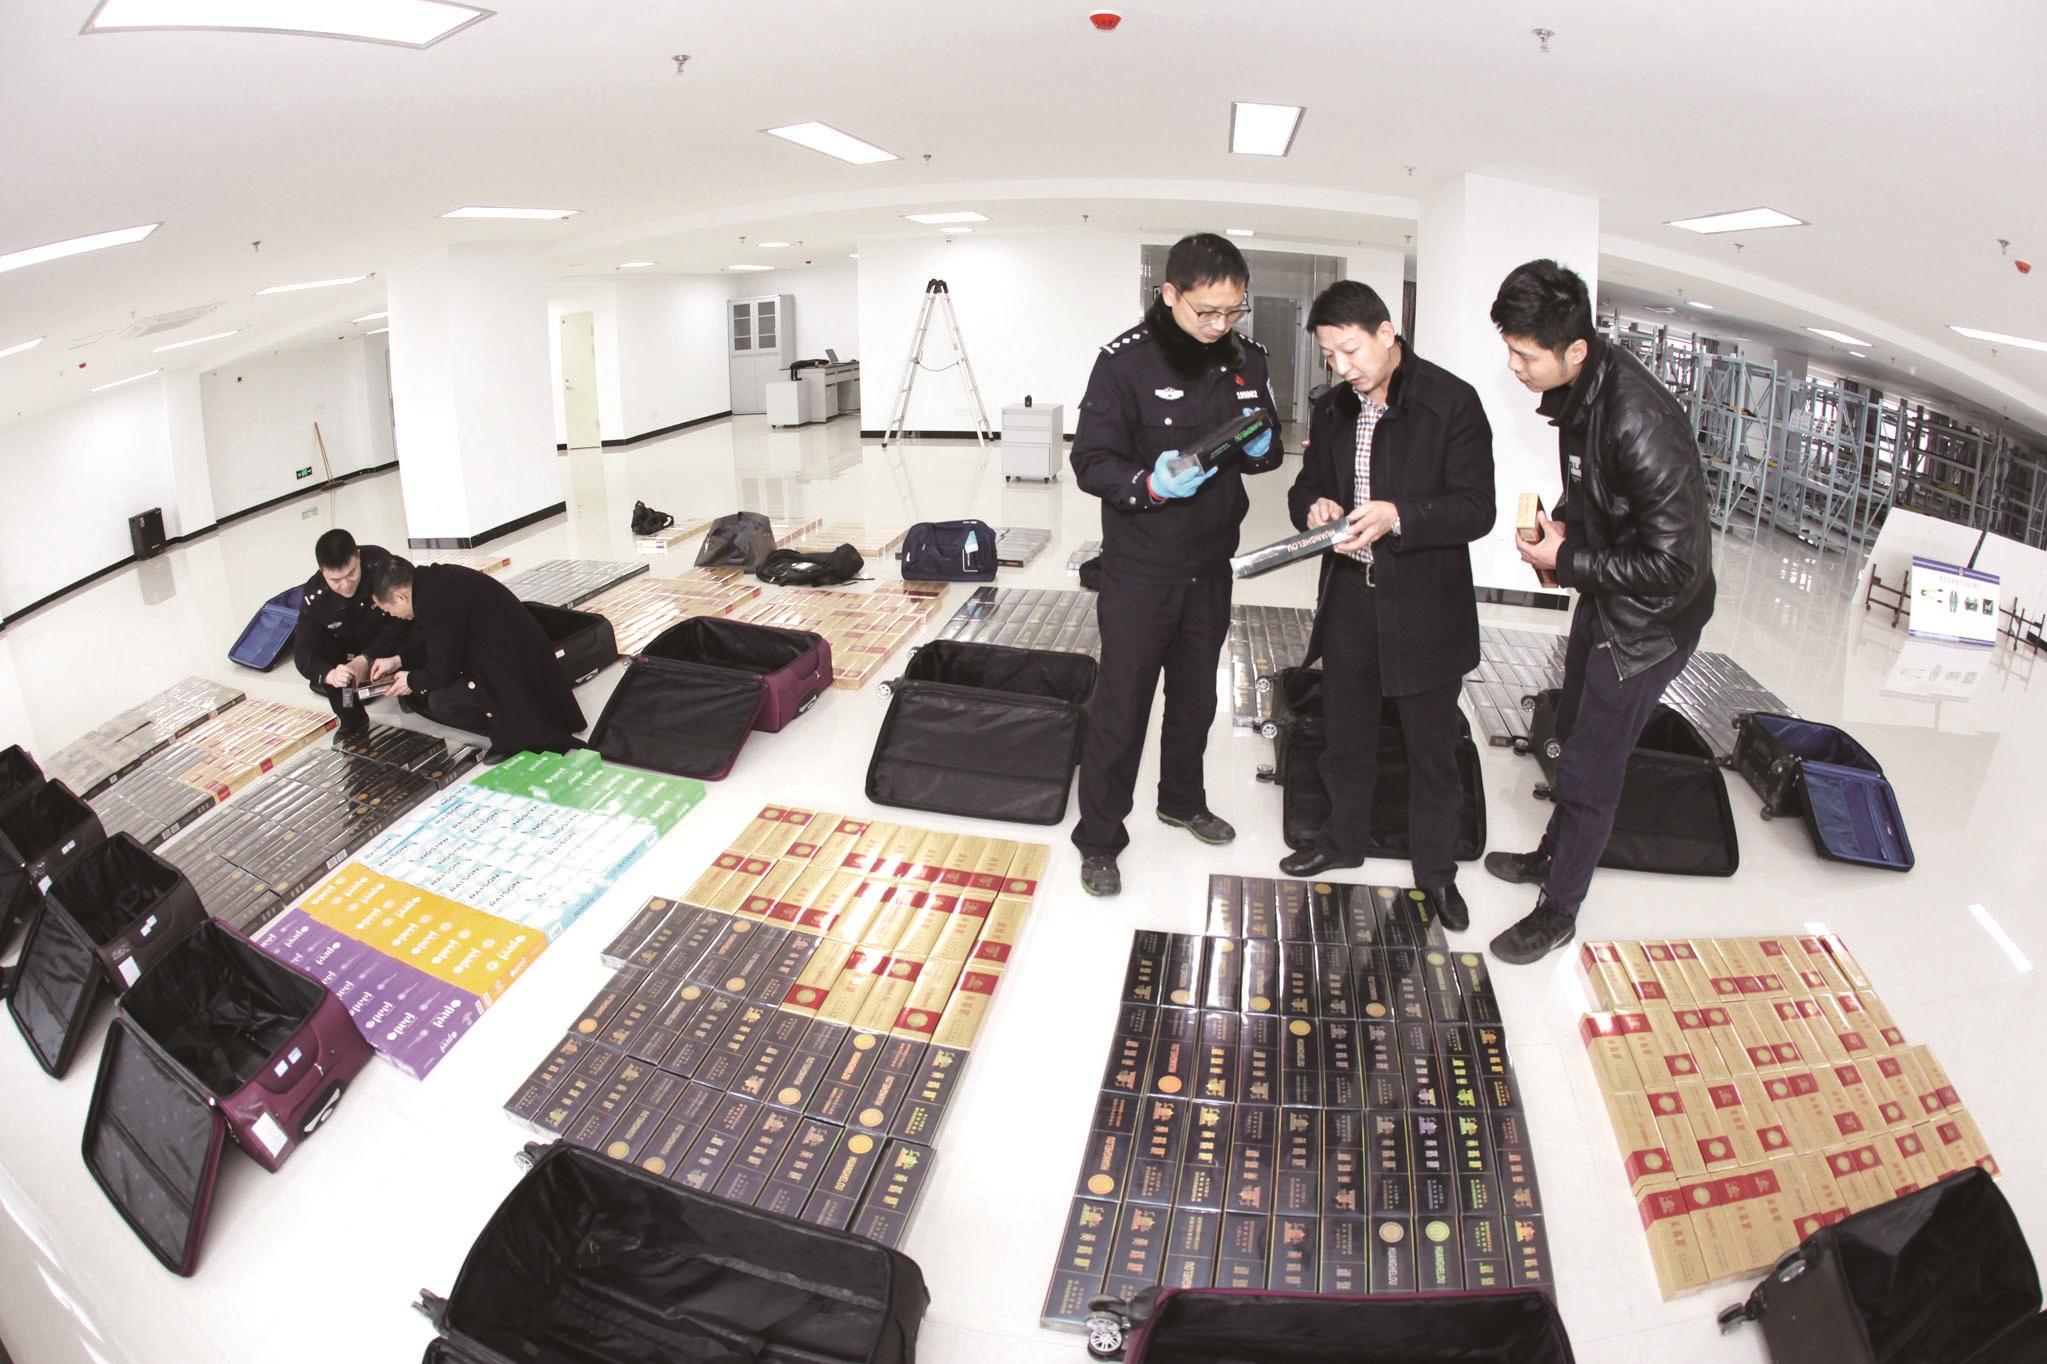 武铁襄阳公安侦破1.47亿元假烟案 31名嫌疑人被抓